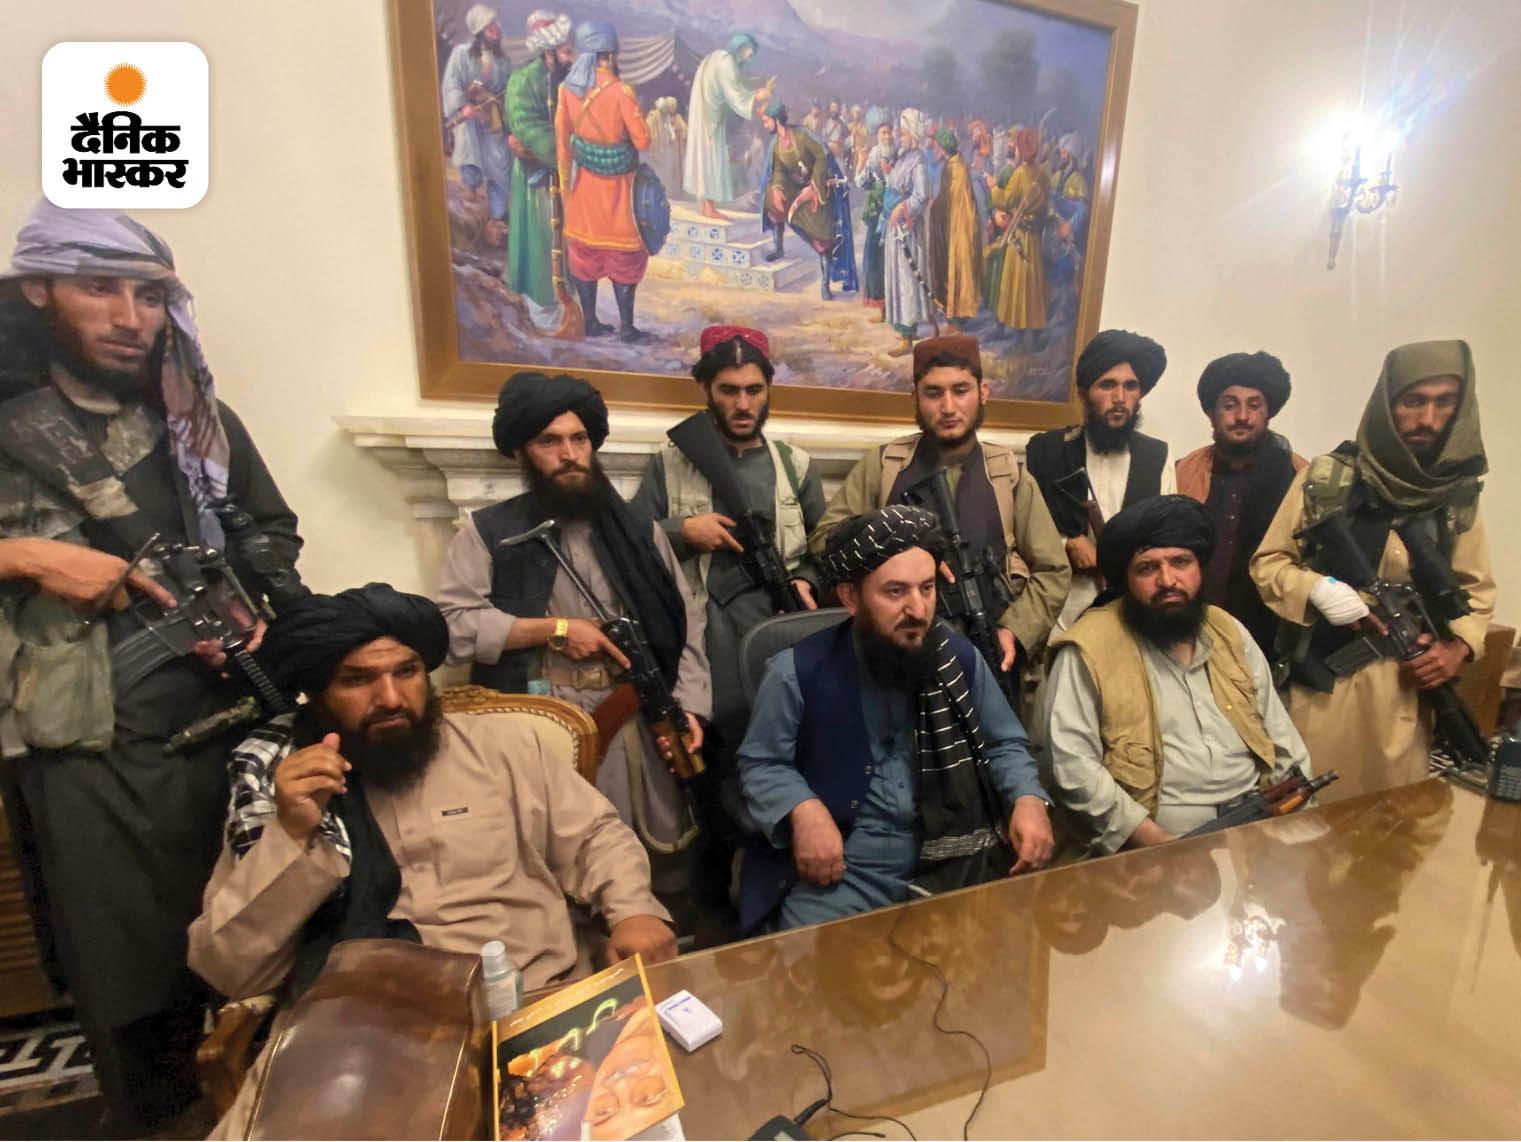 काबुल में राष्ट्रपति कार्यालय पर कब्जा करने के बाद तालिबान के लड़ाकों ने यह फोटो खिंचवाई। इस समय सभी सरकारी ऑफिसों पर तालिबान का कब्जा है।